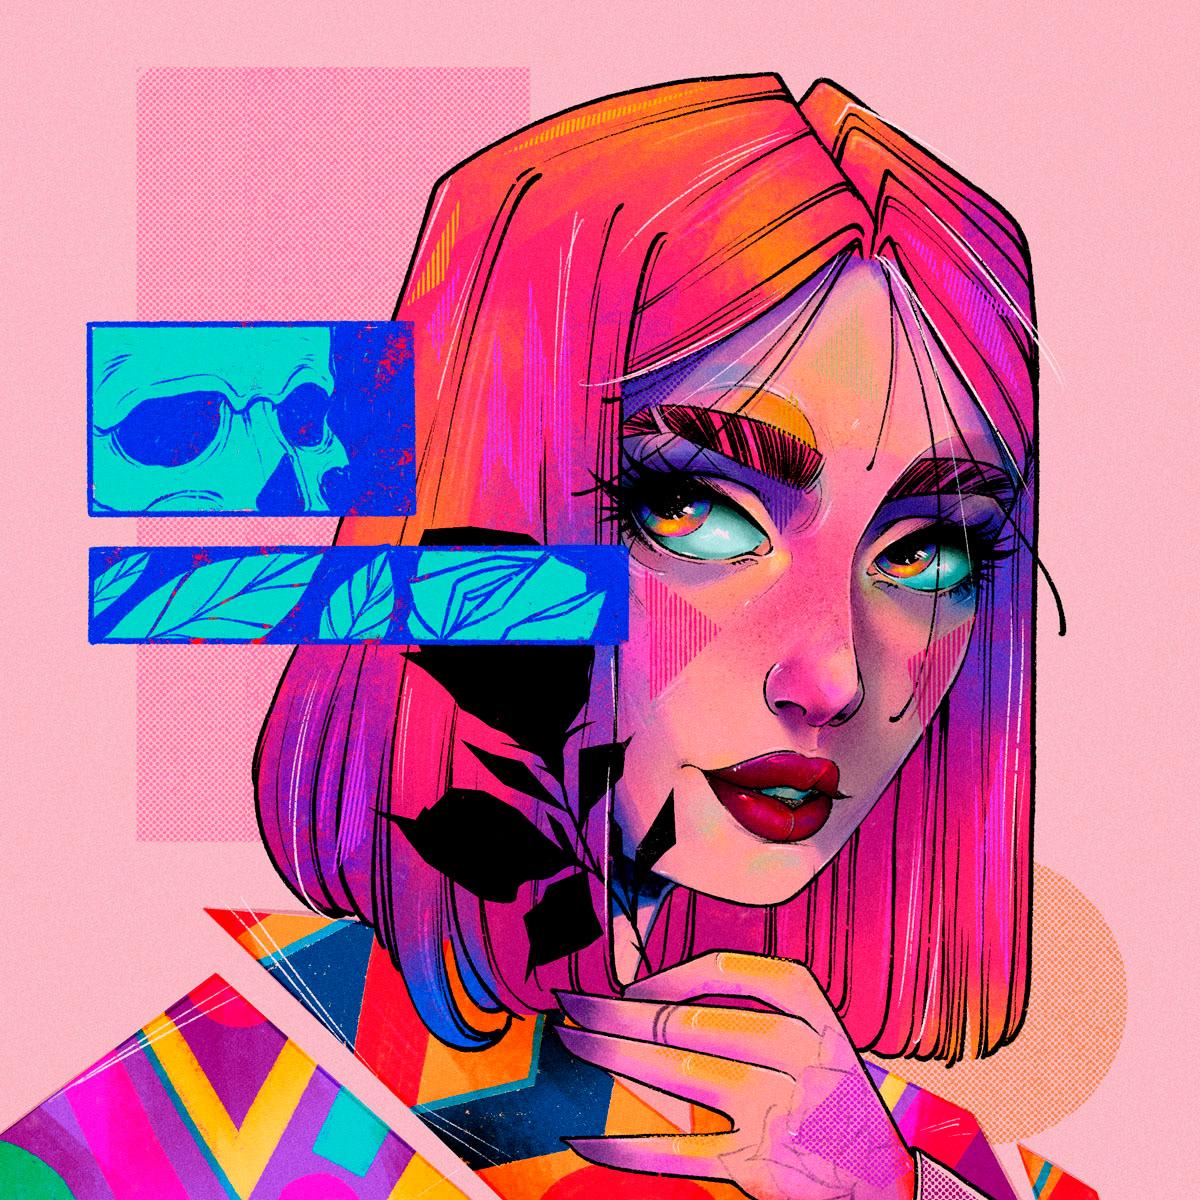 Image may contain: drawing, cartoon and art